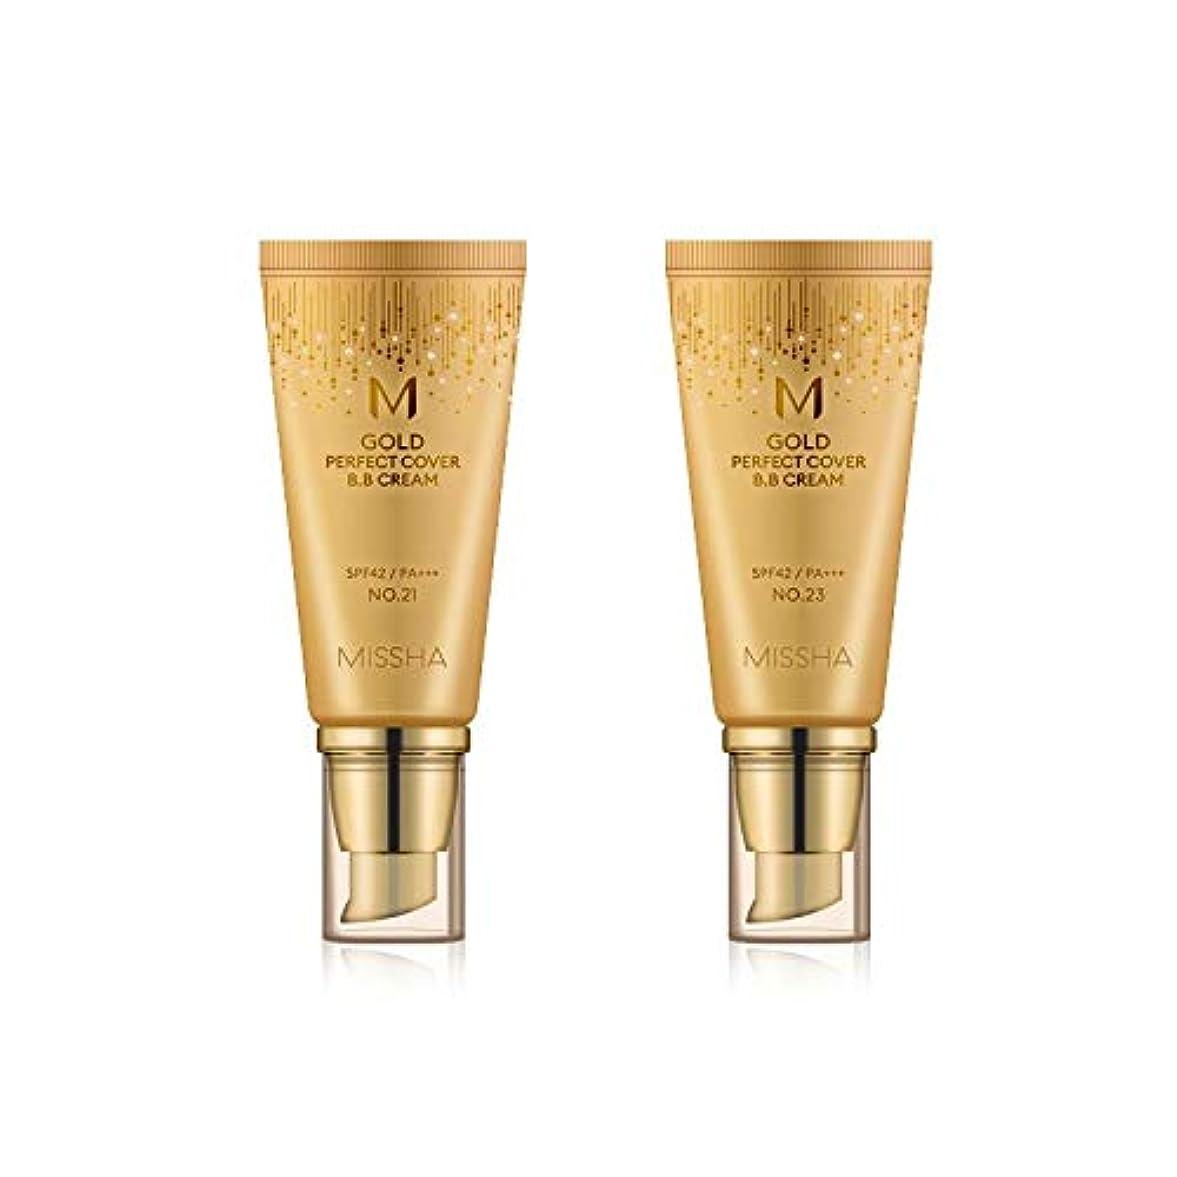 量で囲まれたいくつかのMISSHA Gold Perfecte Cover BB Cream SPF42 PA+++ / ミシャ ゴールド パーフェクト カバー BBクリーム 50ml *NO.21 [並行輸入品]